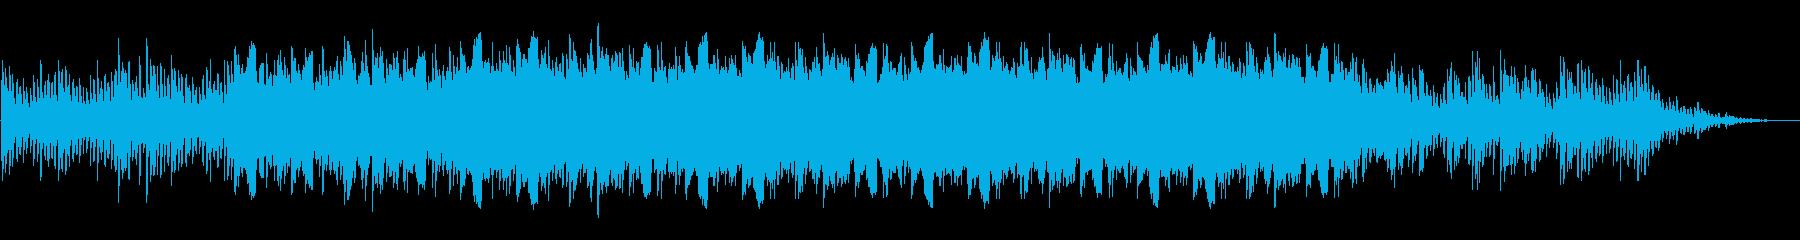 満天の星をイメージしたハープのアルペジオの再生済みの波形